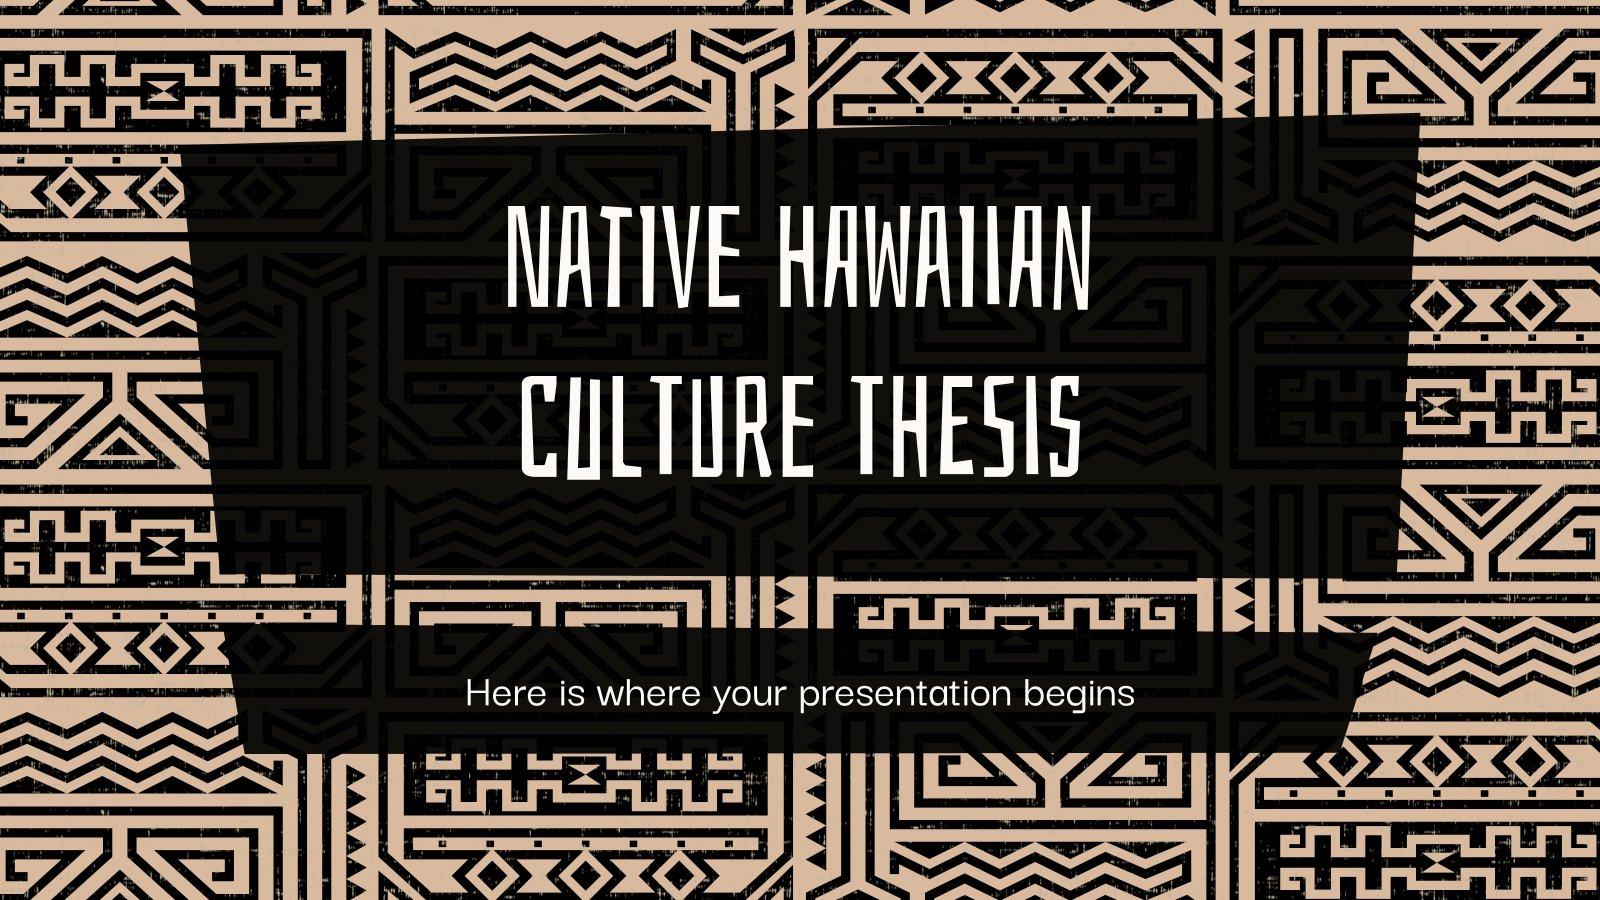 Modelo de apresentação Tese da cultura havaiana